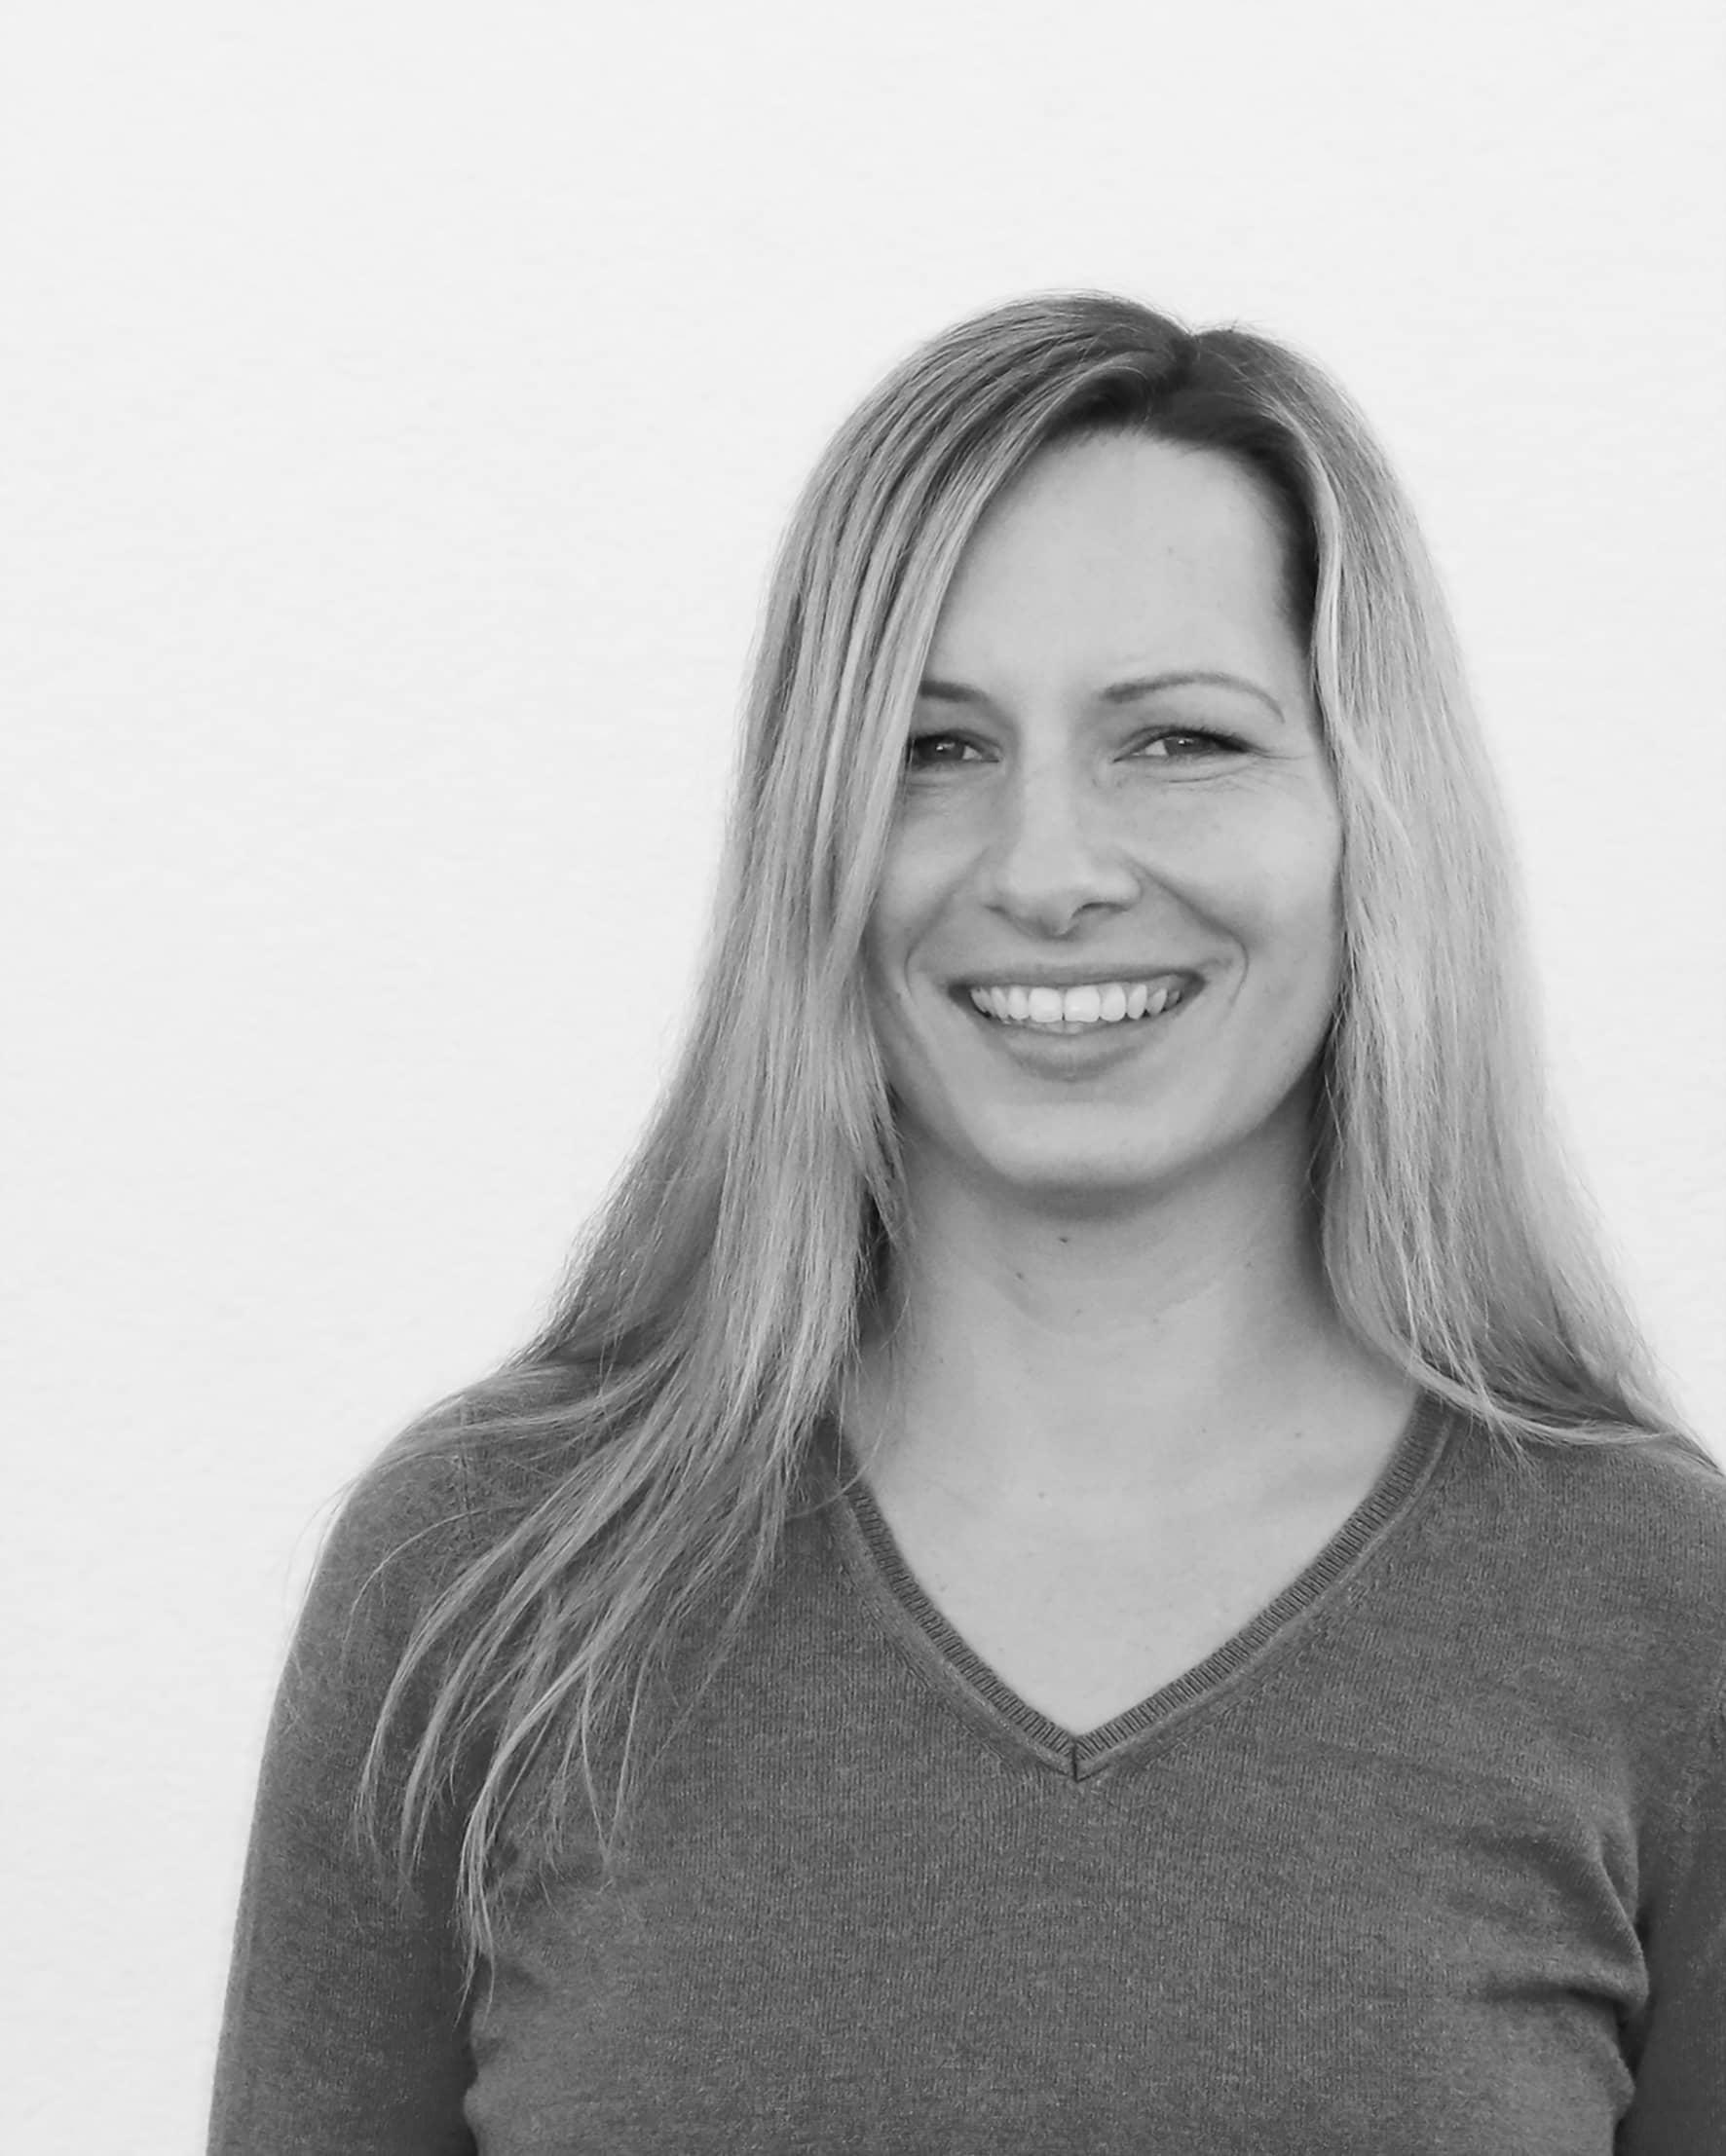 neuefinanzkultur Immobilien kaufen bauen finanzierungen Versicherung Team Sophie